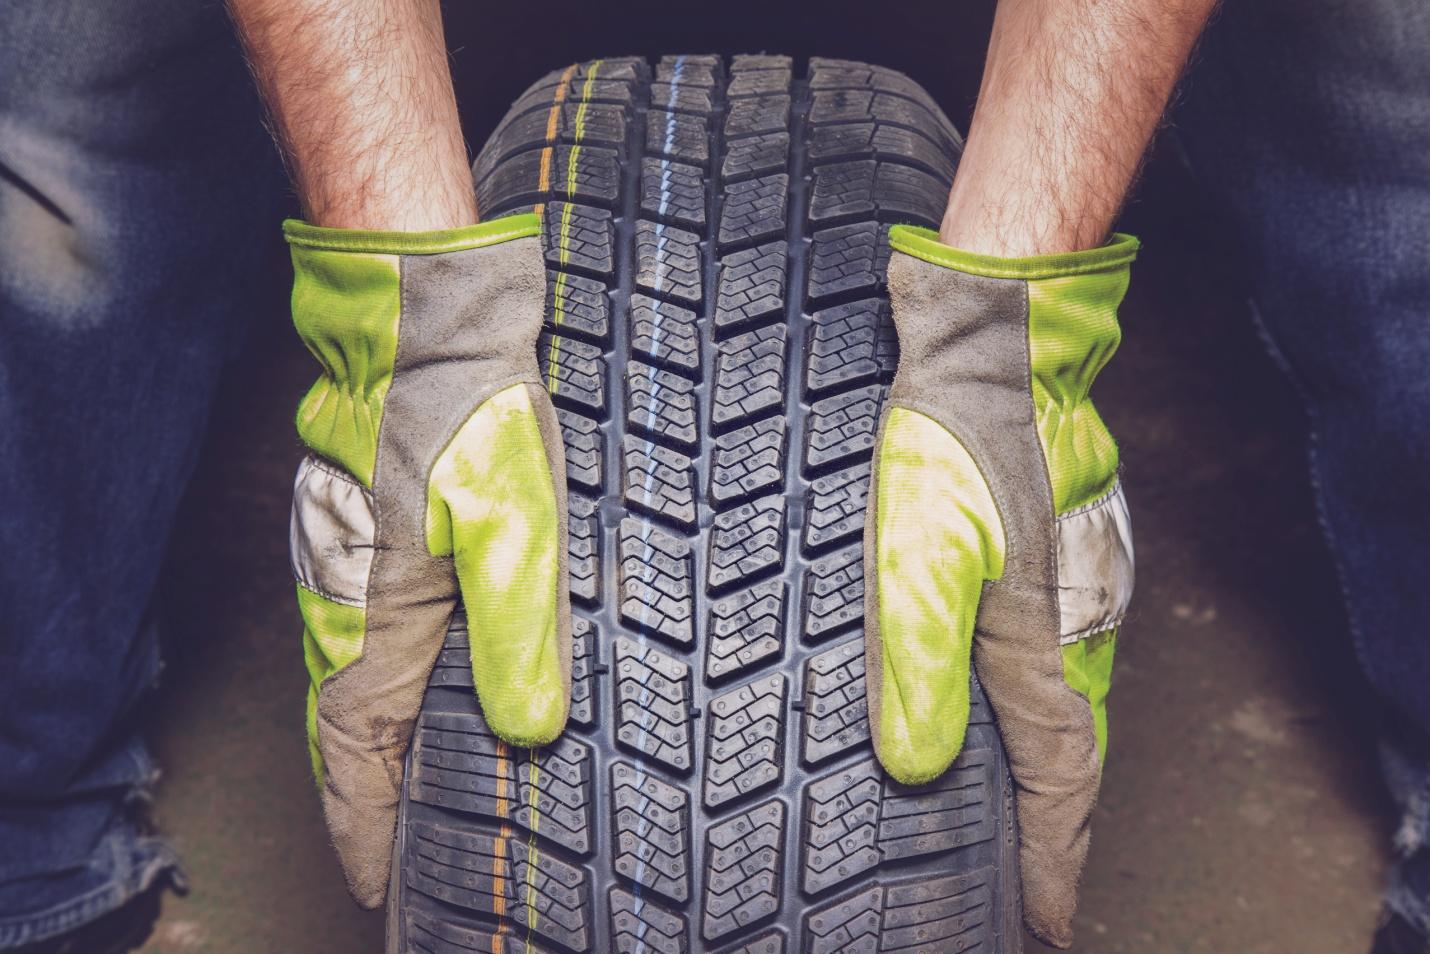 Guide pour les étudiants en mécanique auto: manipuler les pneus en toute sécurité